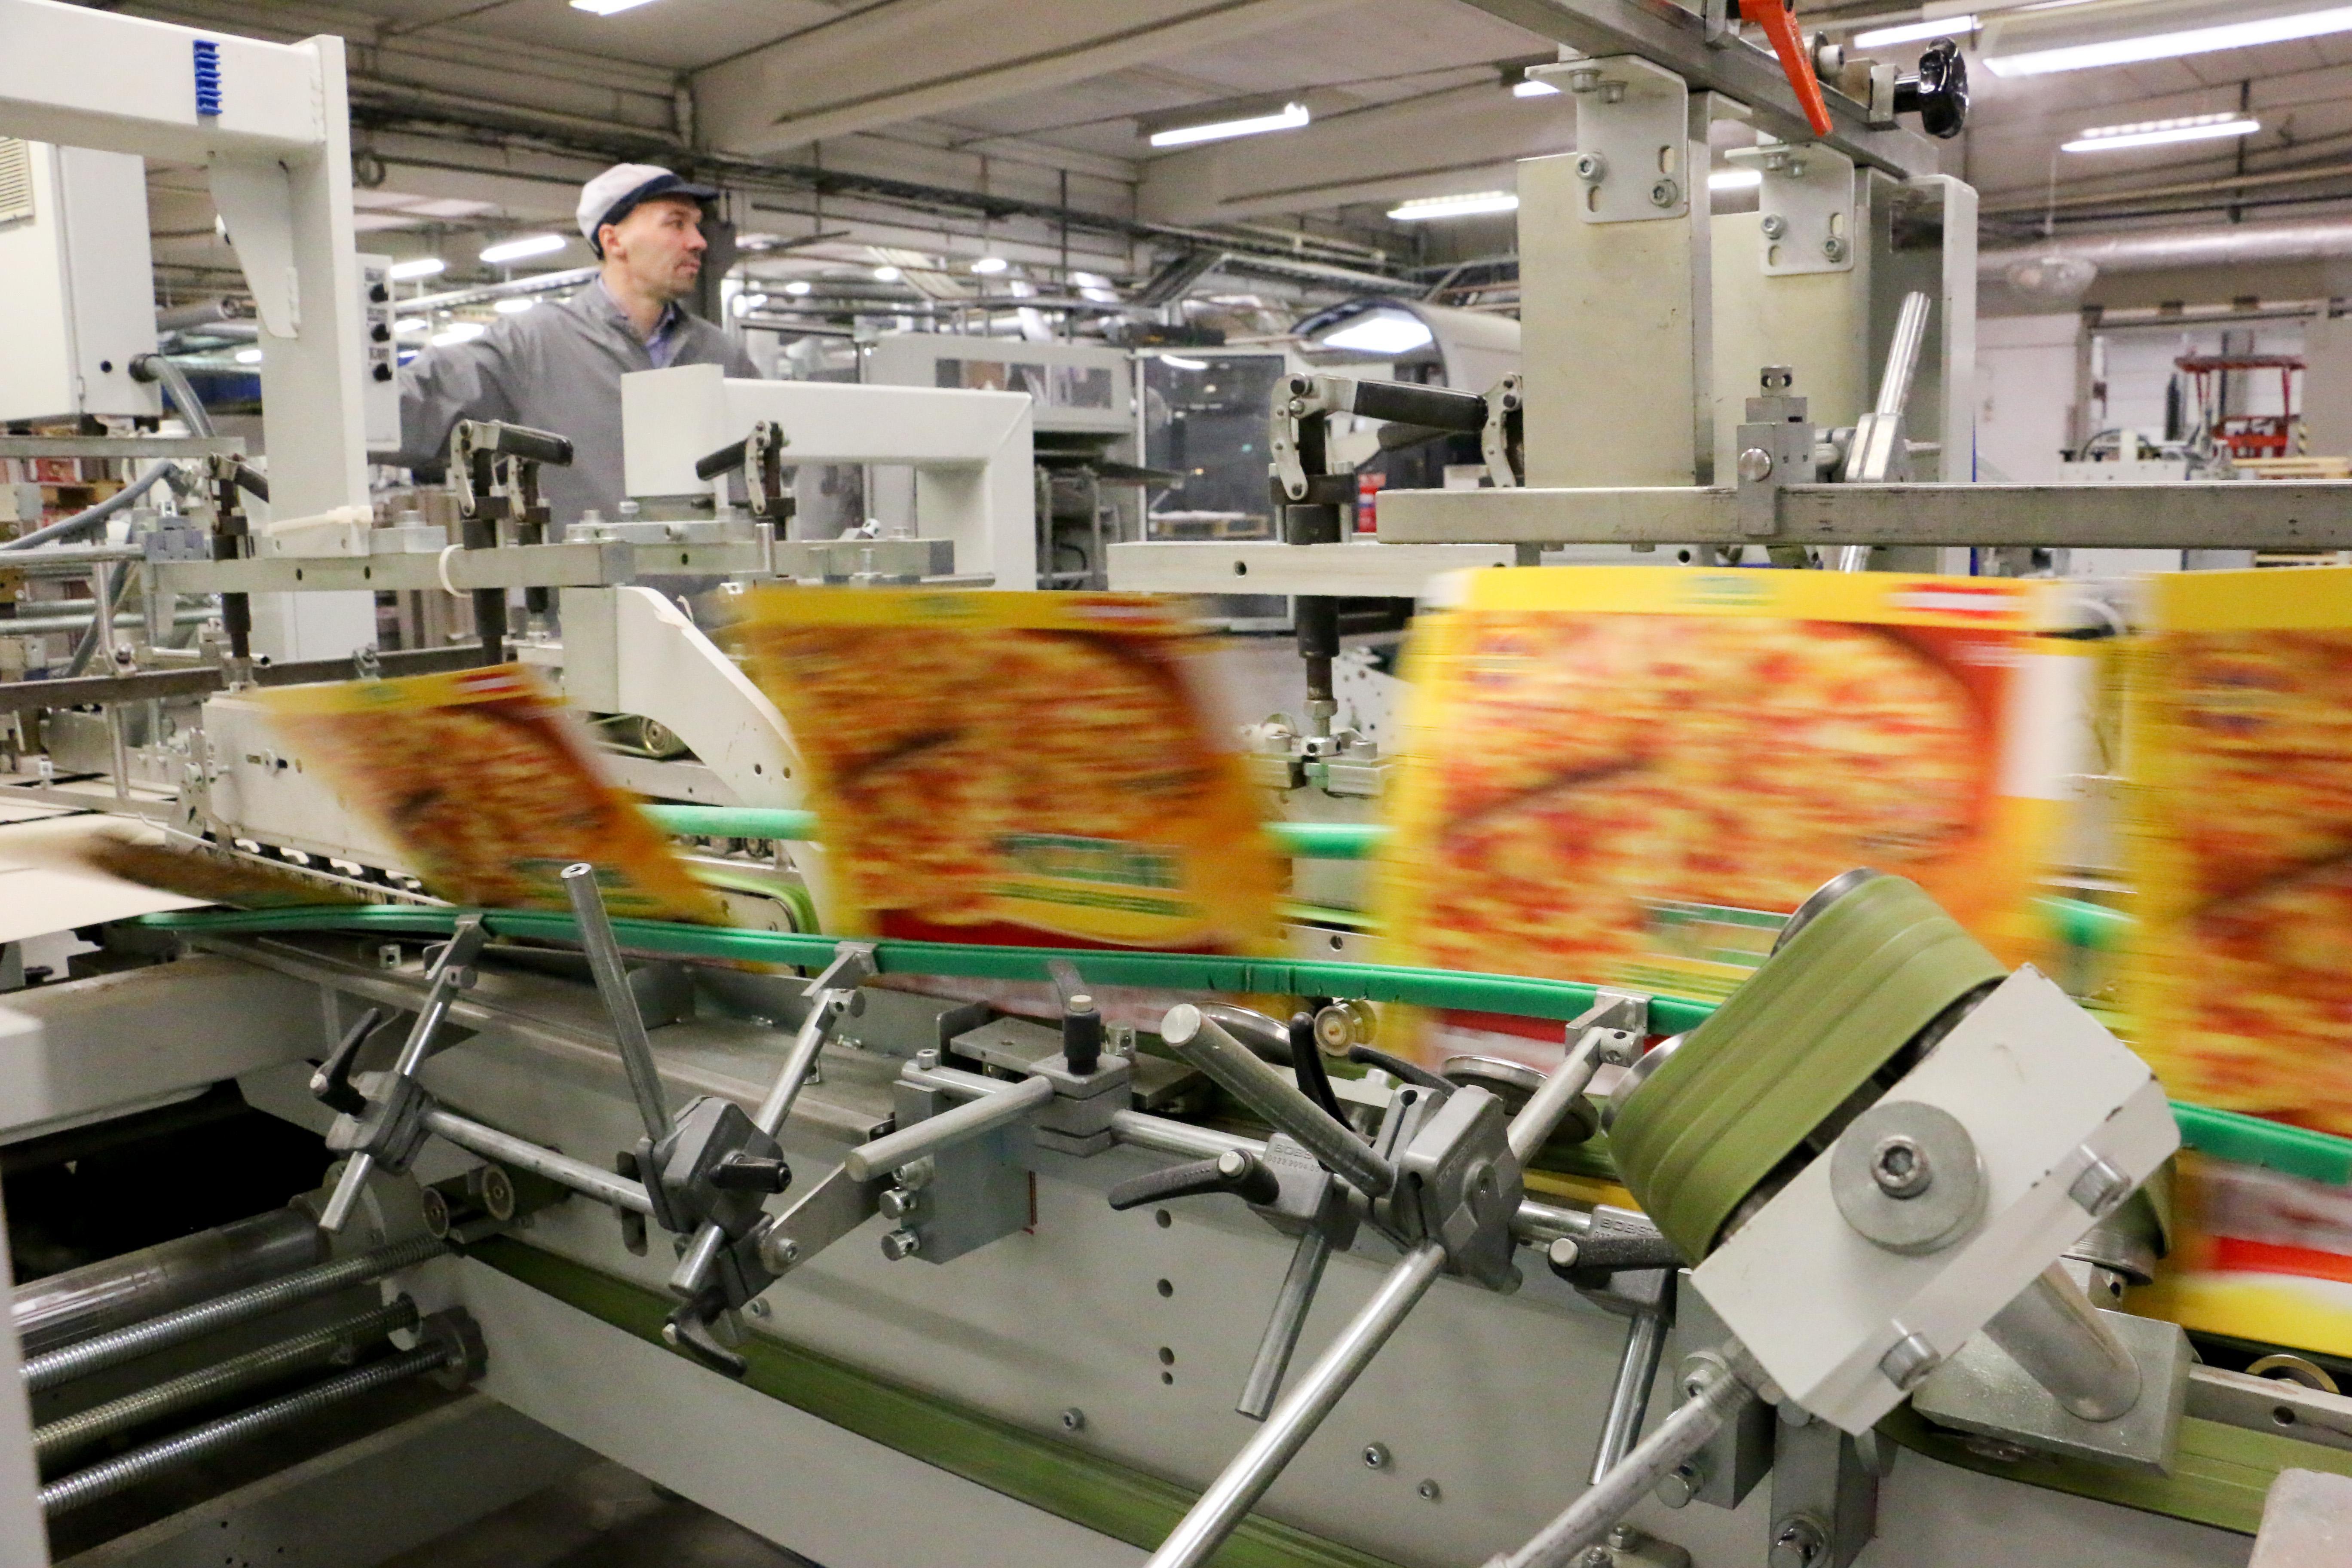 I stort sett varje dag håller konsumenter i Sverige ovetandes i förpackningar som tillverkats i Kumla. Schur Pack är ett av världens äldsta företag i förpackningsindustrin och en sjätte generation i ägarfamiljen Schur står redo att ta över ansvaret för koncernen som har en årlig omsättning på två miljarder kronor. På kartongerna återfinns logon för produkter från Findus, Fazer, Orkla, Dafgård, Annas pepparkakor, Cloetta, Delicato, NordicSugar och många fler.